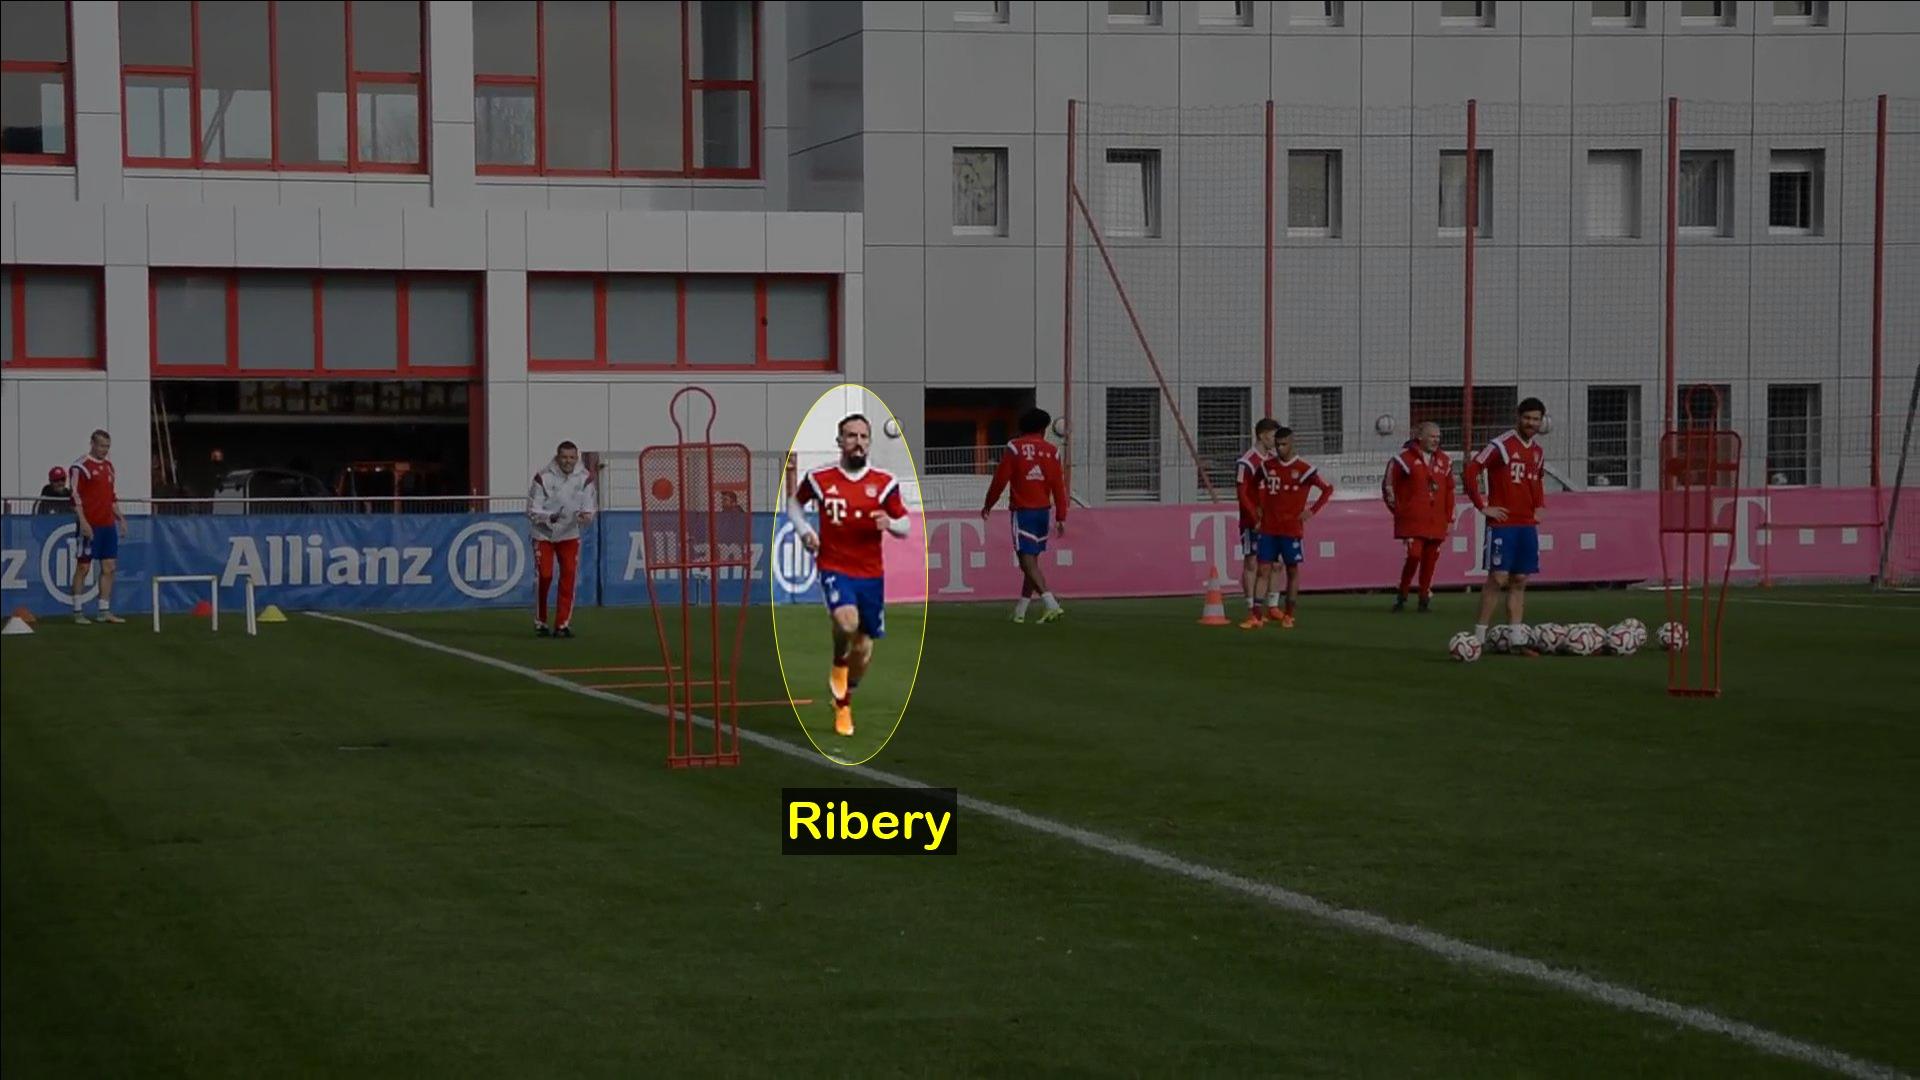 Ribery entrenando en un circuito en el Bayern Munich